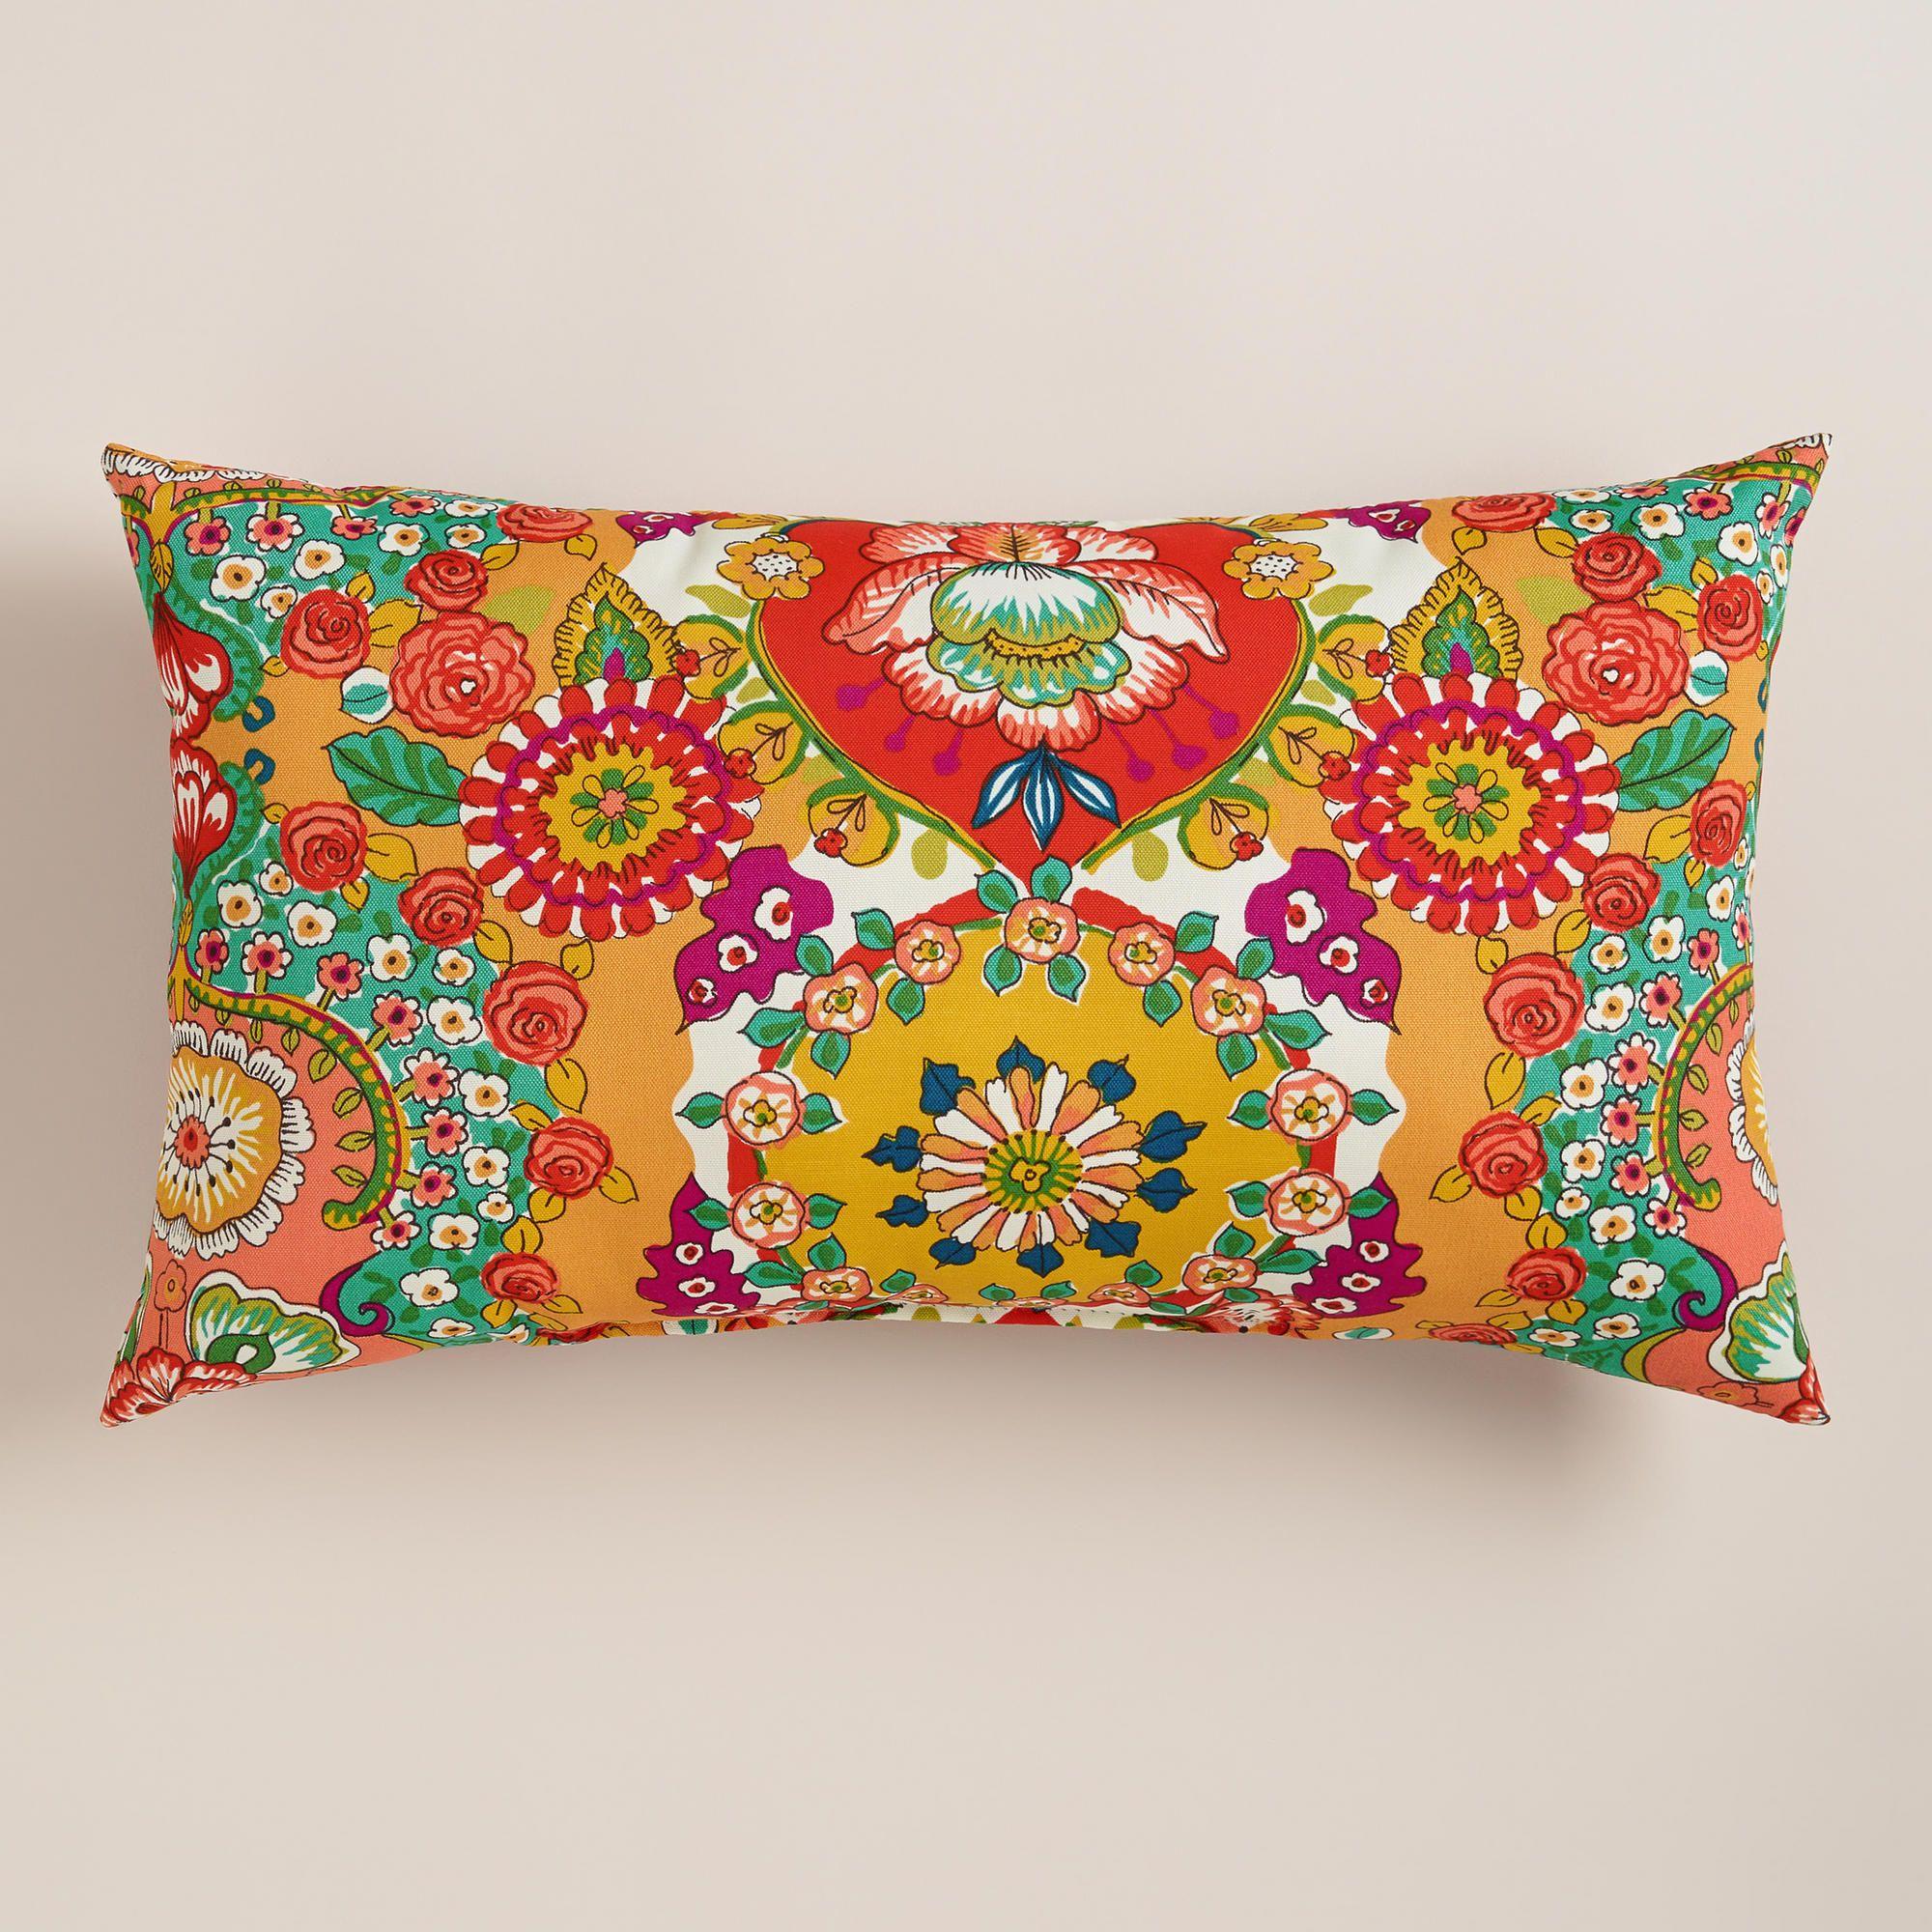 pillow wayfair indoor daleyza pillows outdoor decor pdp dunes lumbar reviews highland indooroutdoor